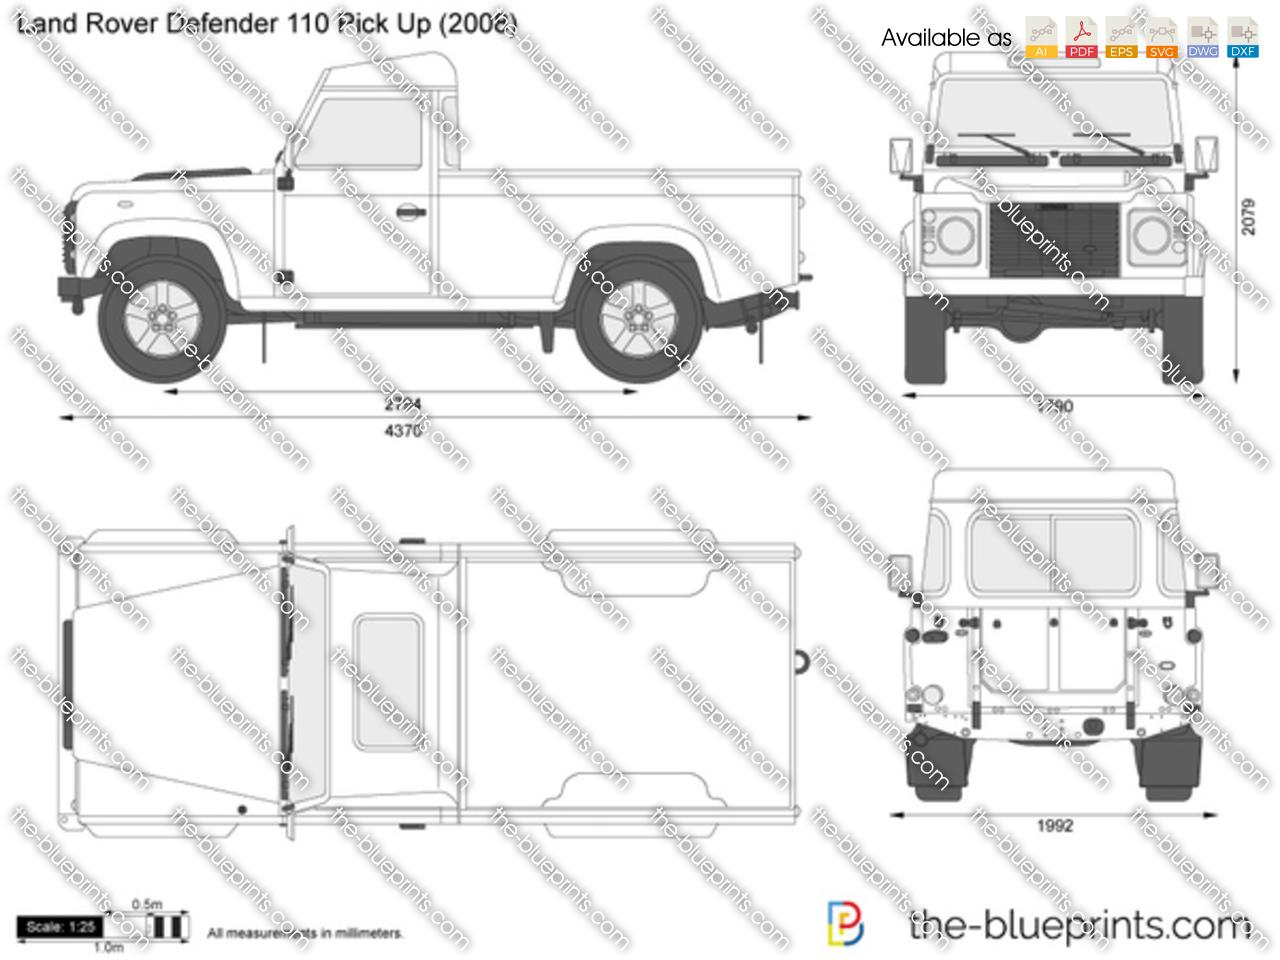 Land Rover Defender 110 Pick Up 2000